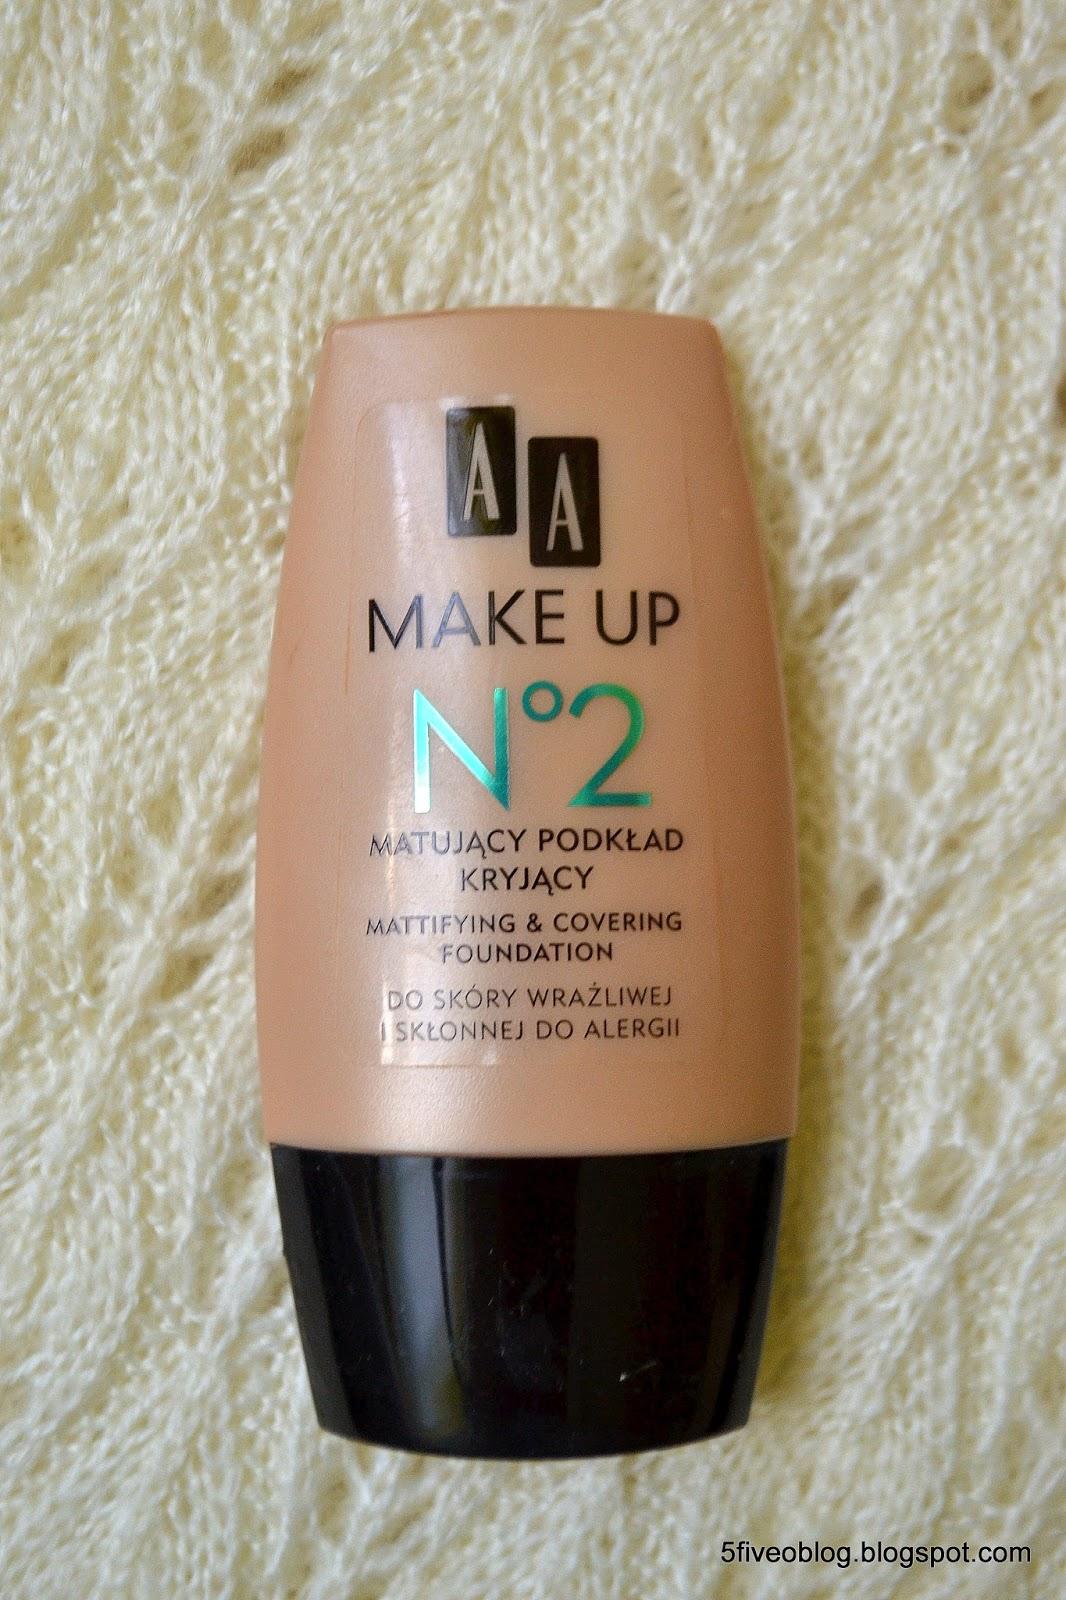 AA Make Up, Matujący Podkład Kryjący